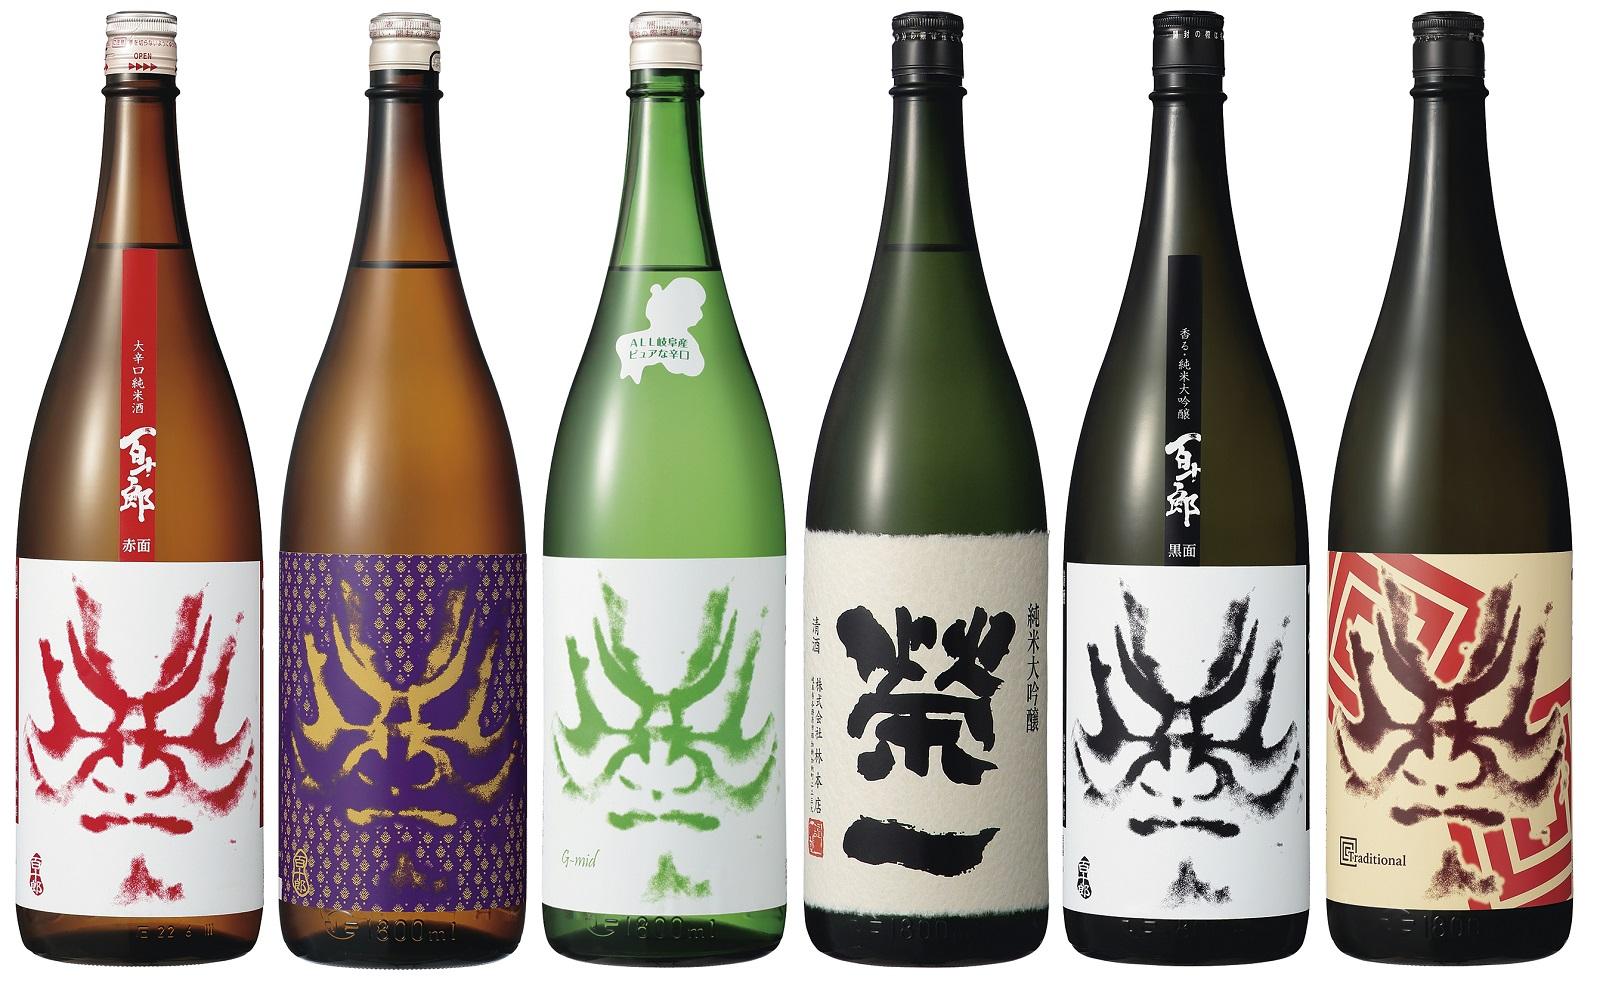 【ふるさと納税】 「百十郎」&「榮一」1,800ml×6本セット / 純米大吟醸 純米吟醸 純米酒